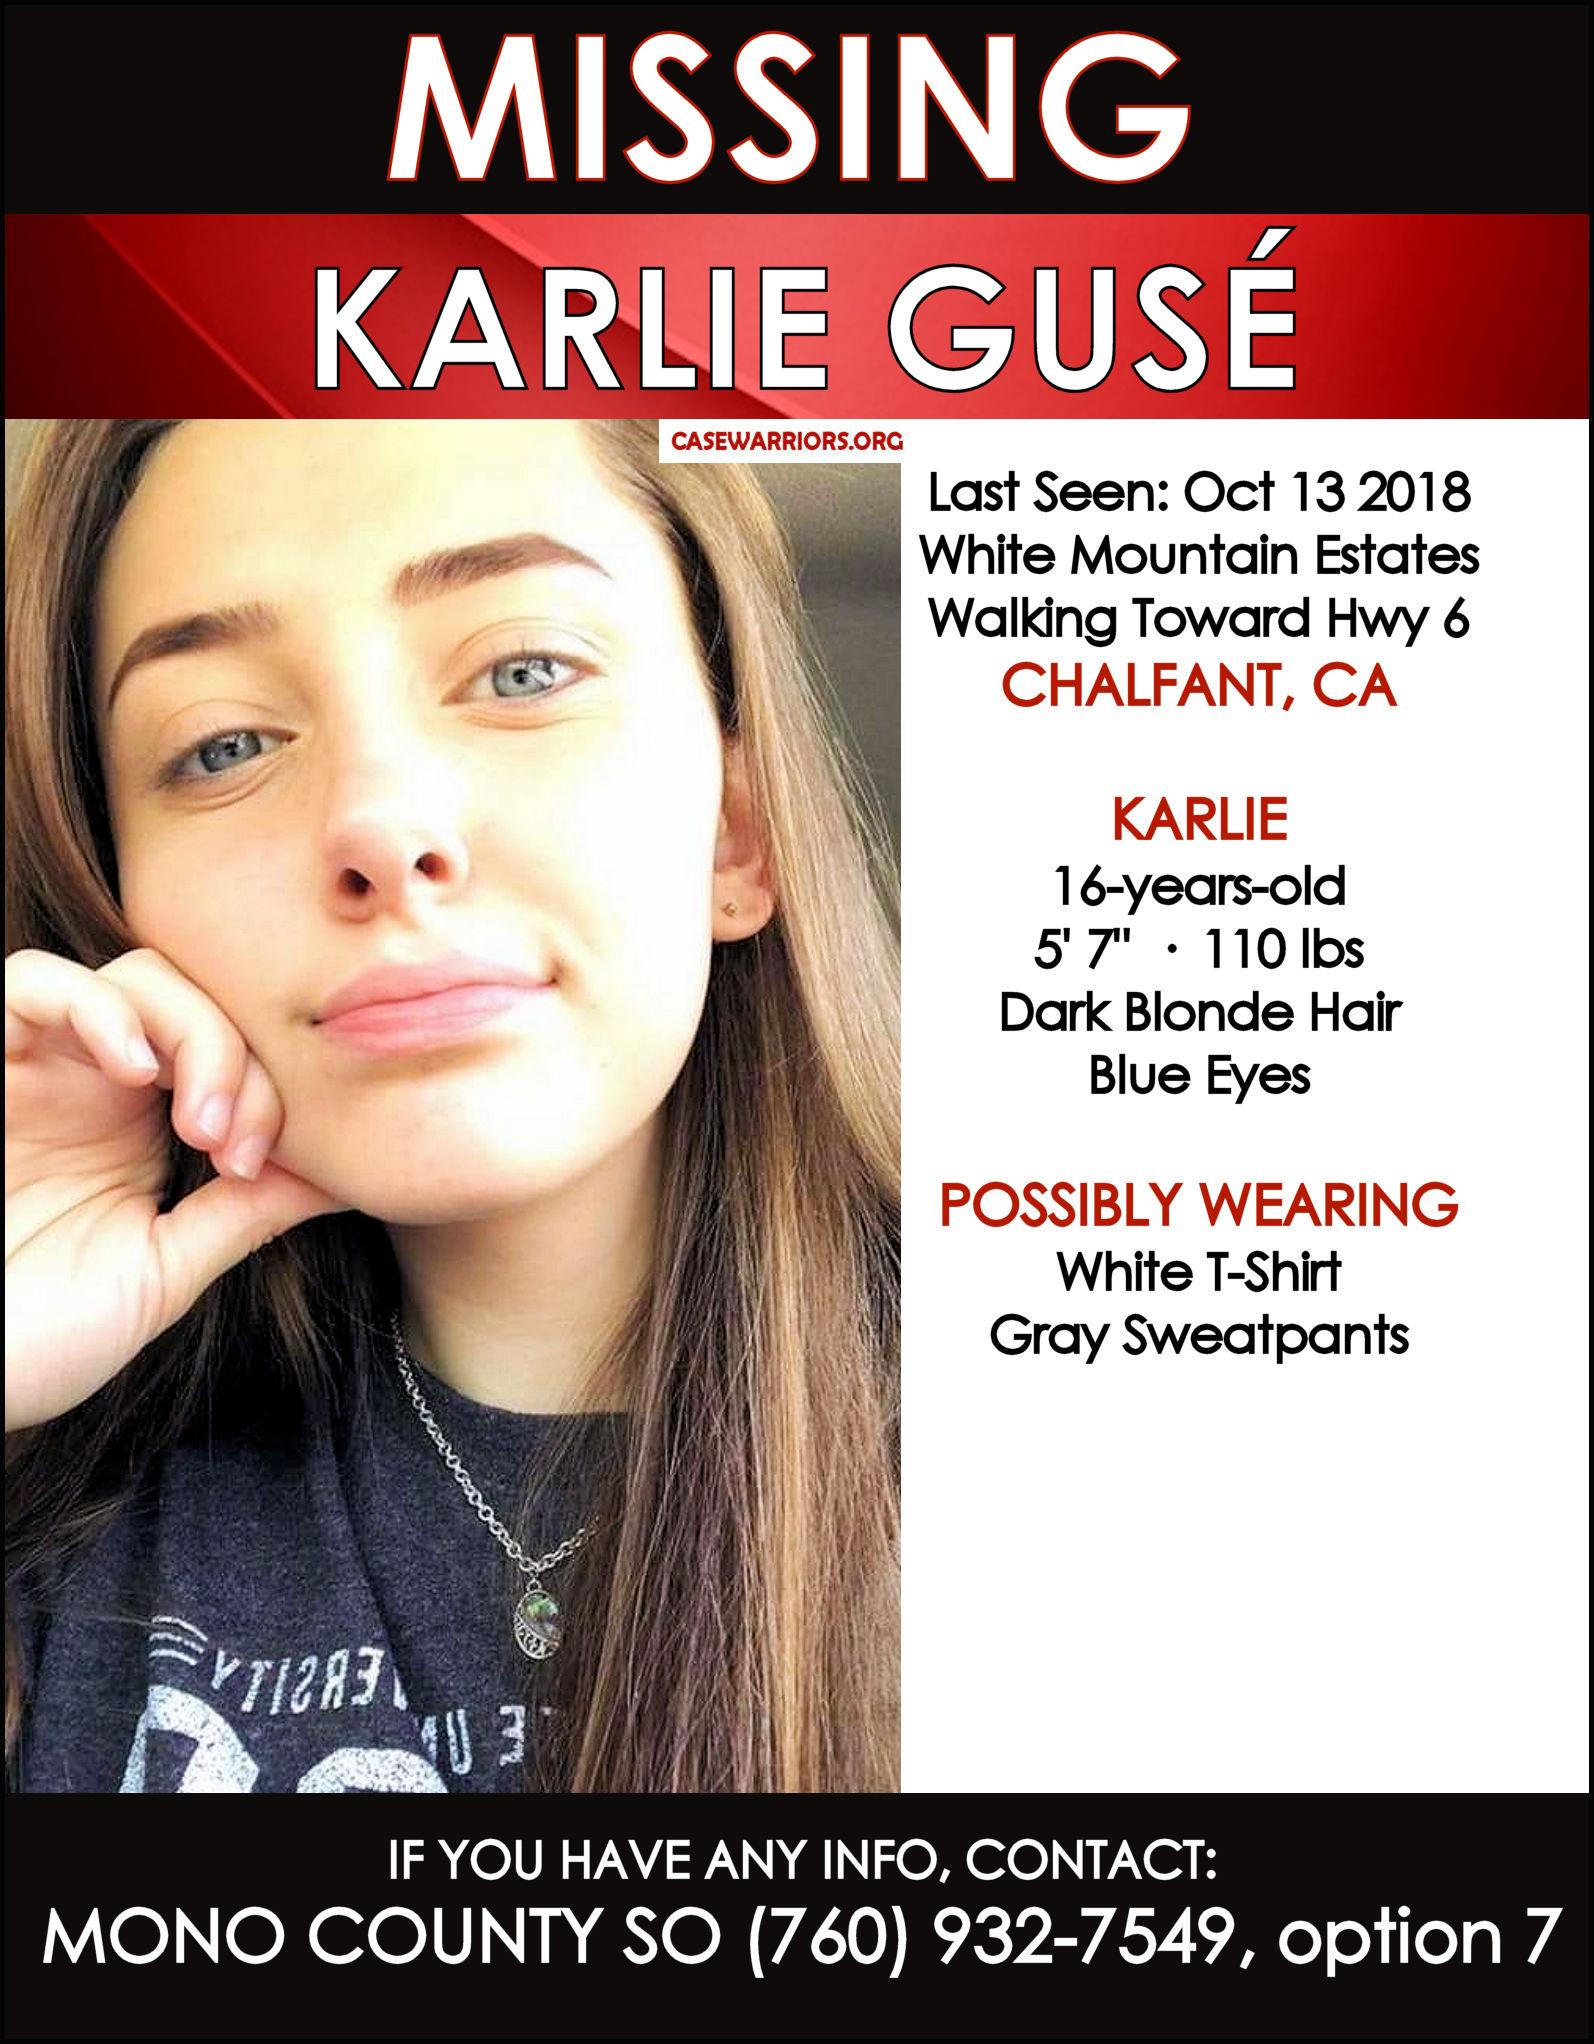 KARLIE GUSE